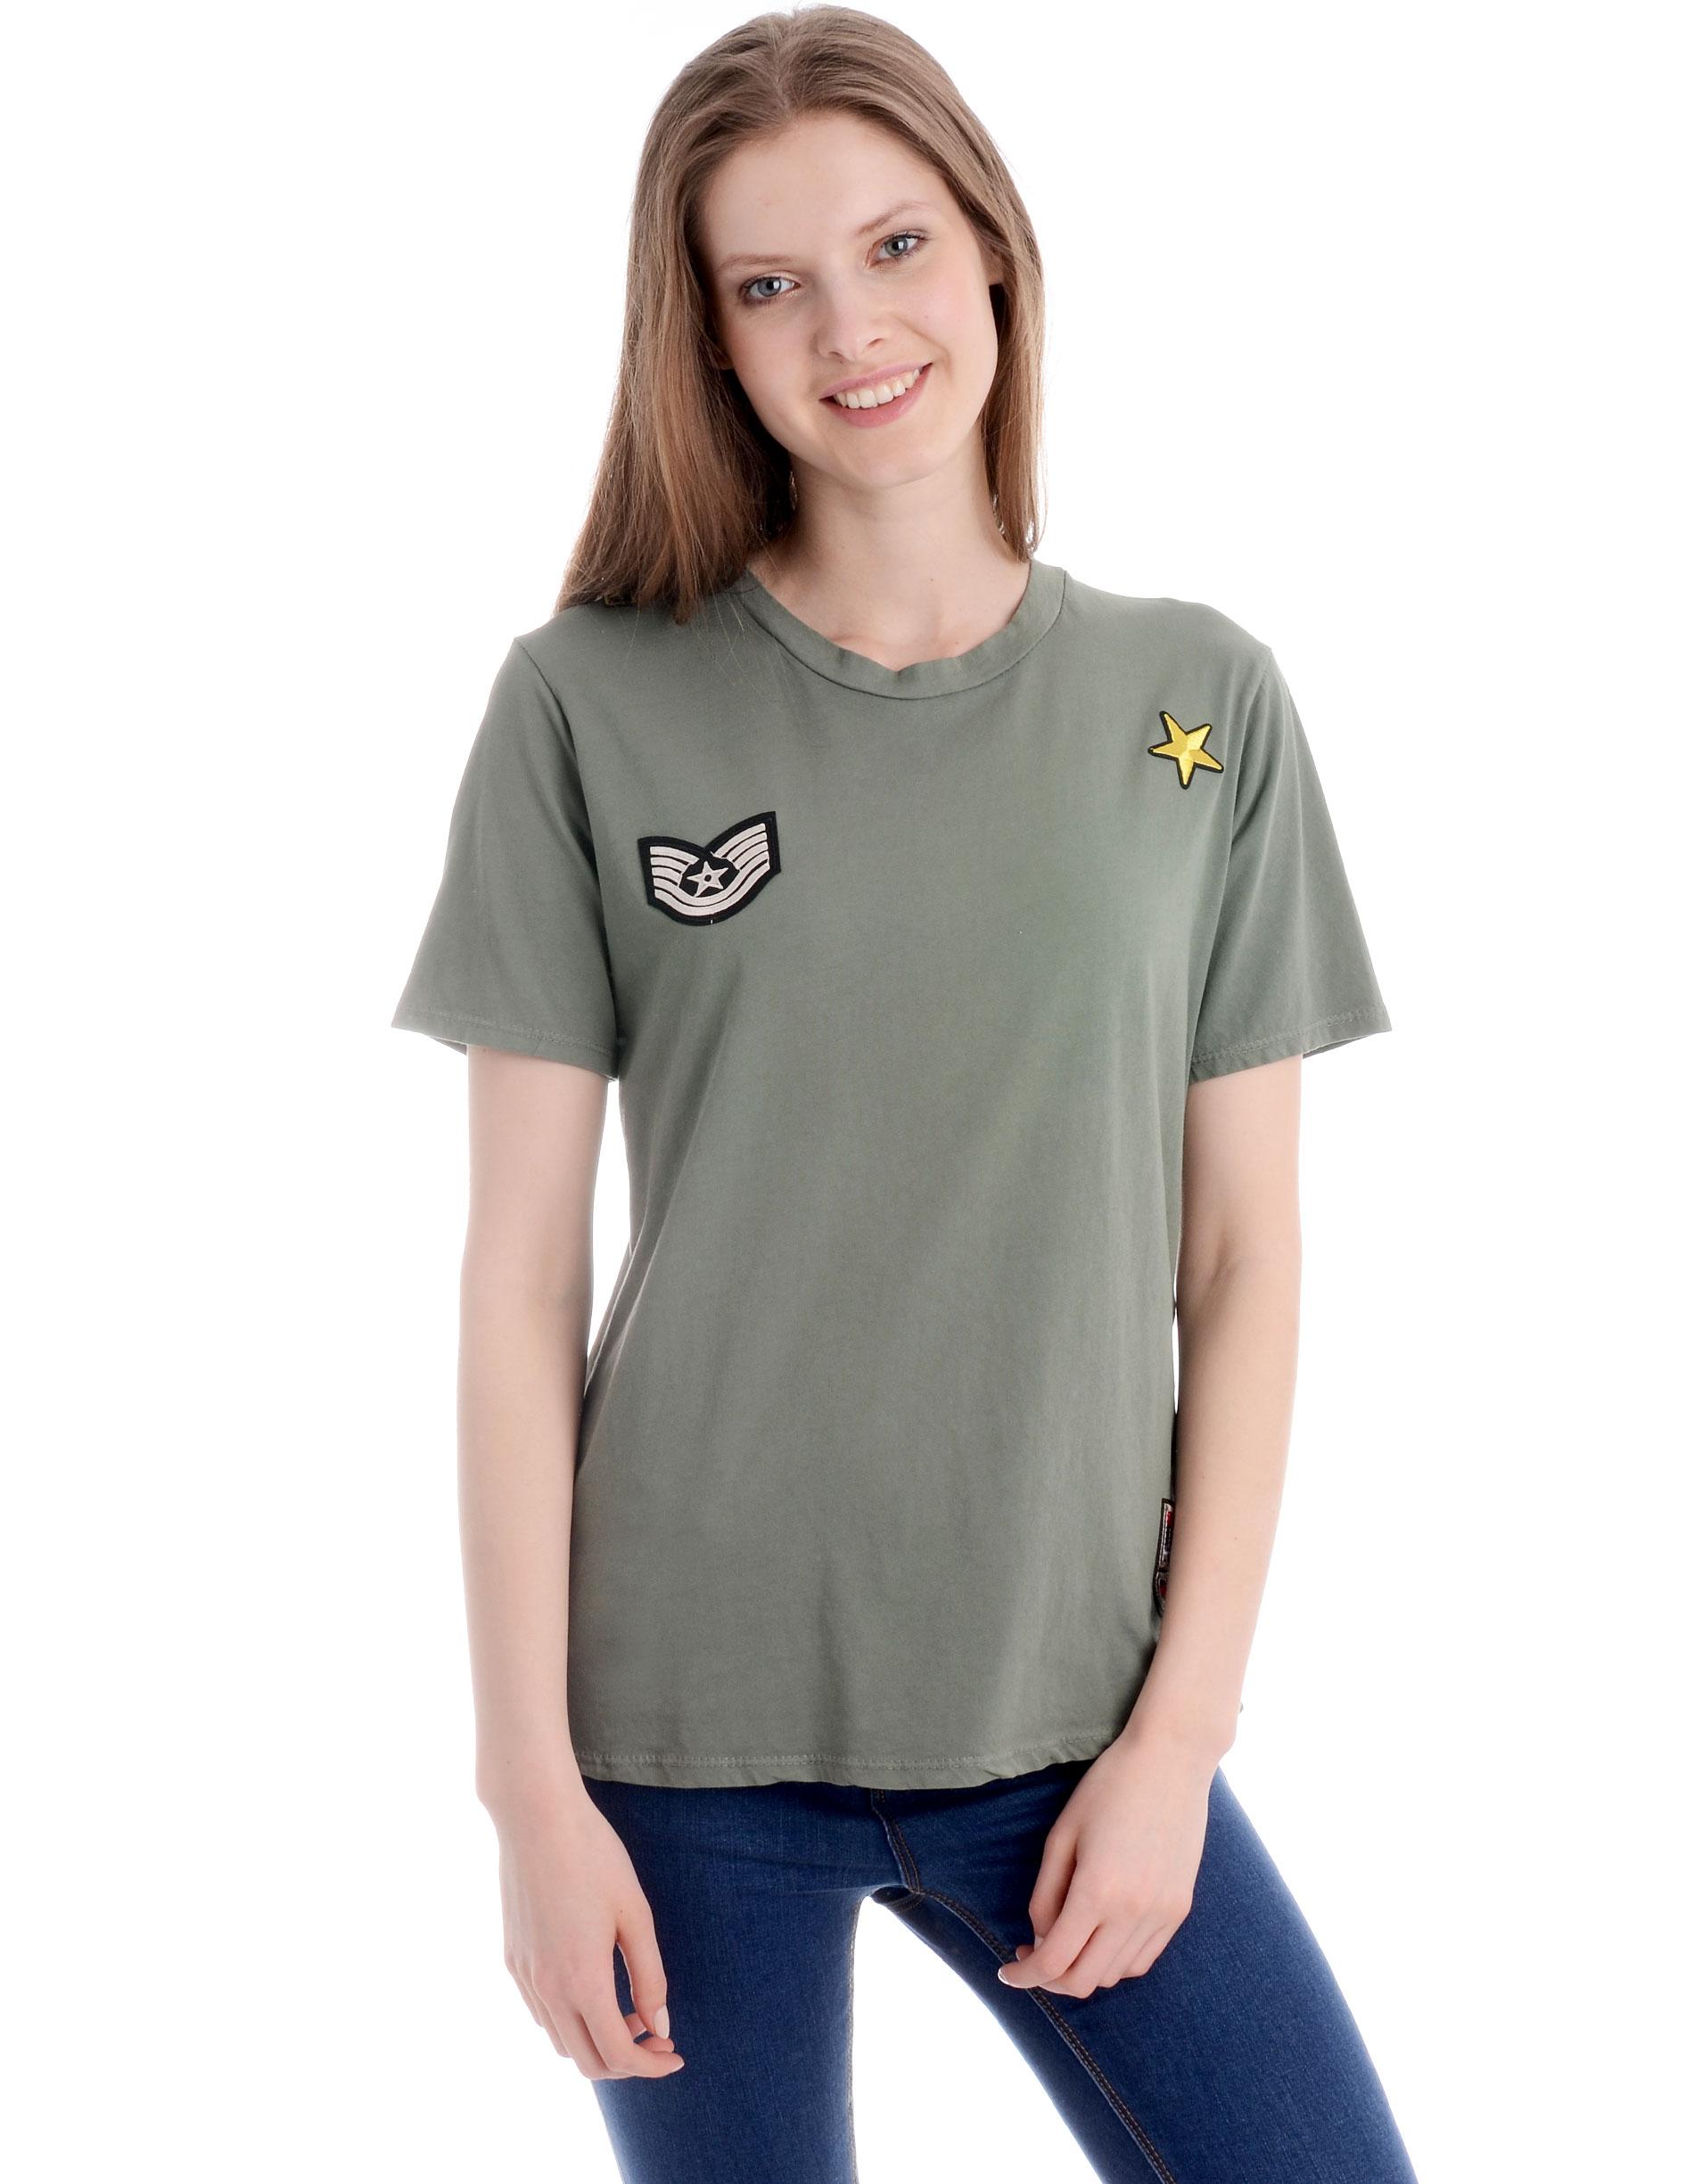 Bluzka - t-shirt - 144-16105 MIL - Unisono